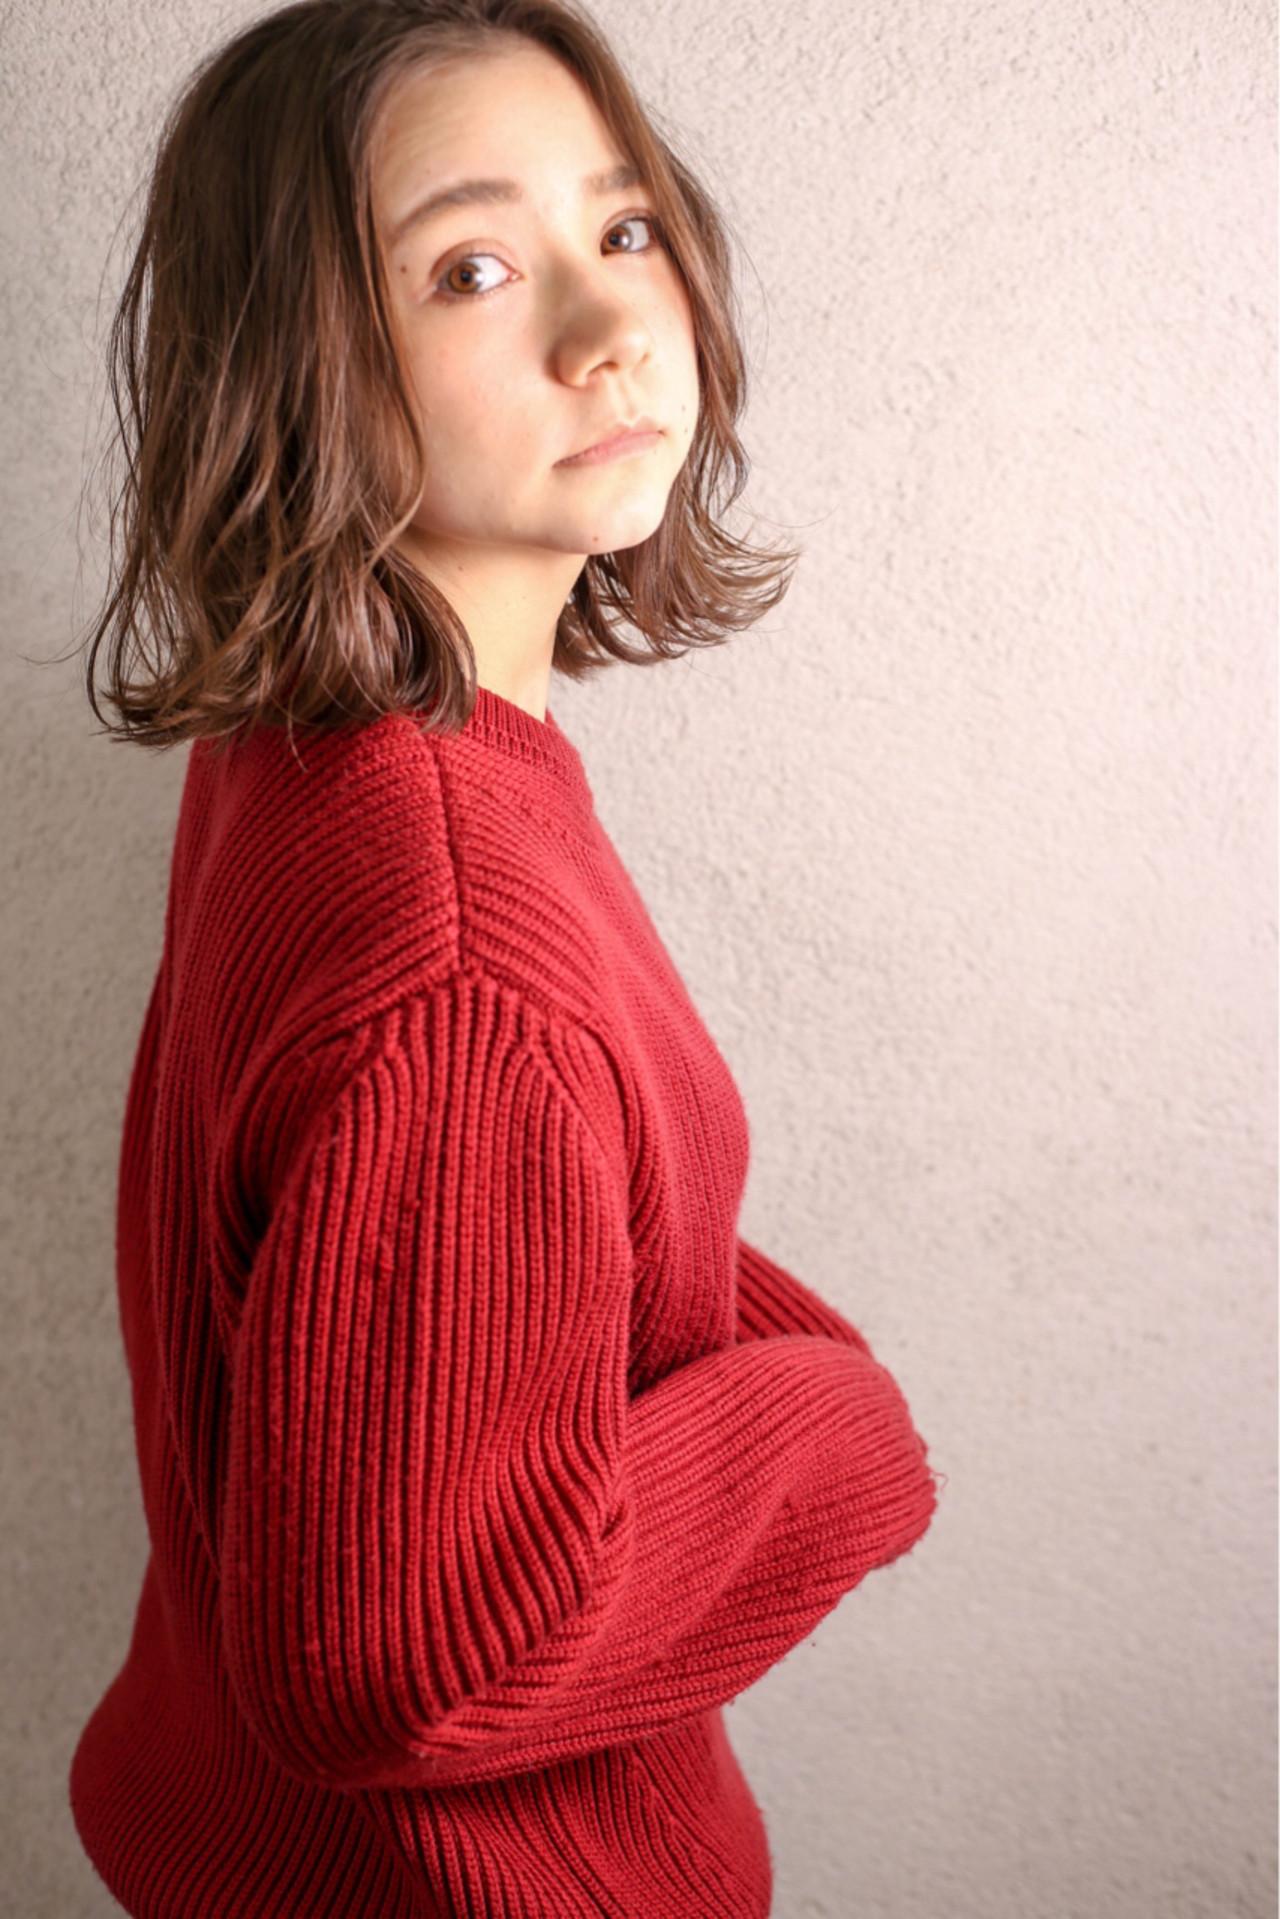 ミディアム ボブ 外国人風 グラデーションカラーヘアスタイルや髪型の写真・画像